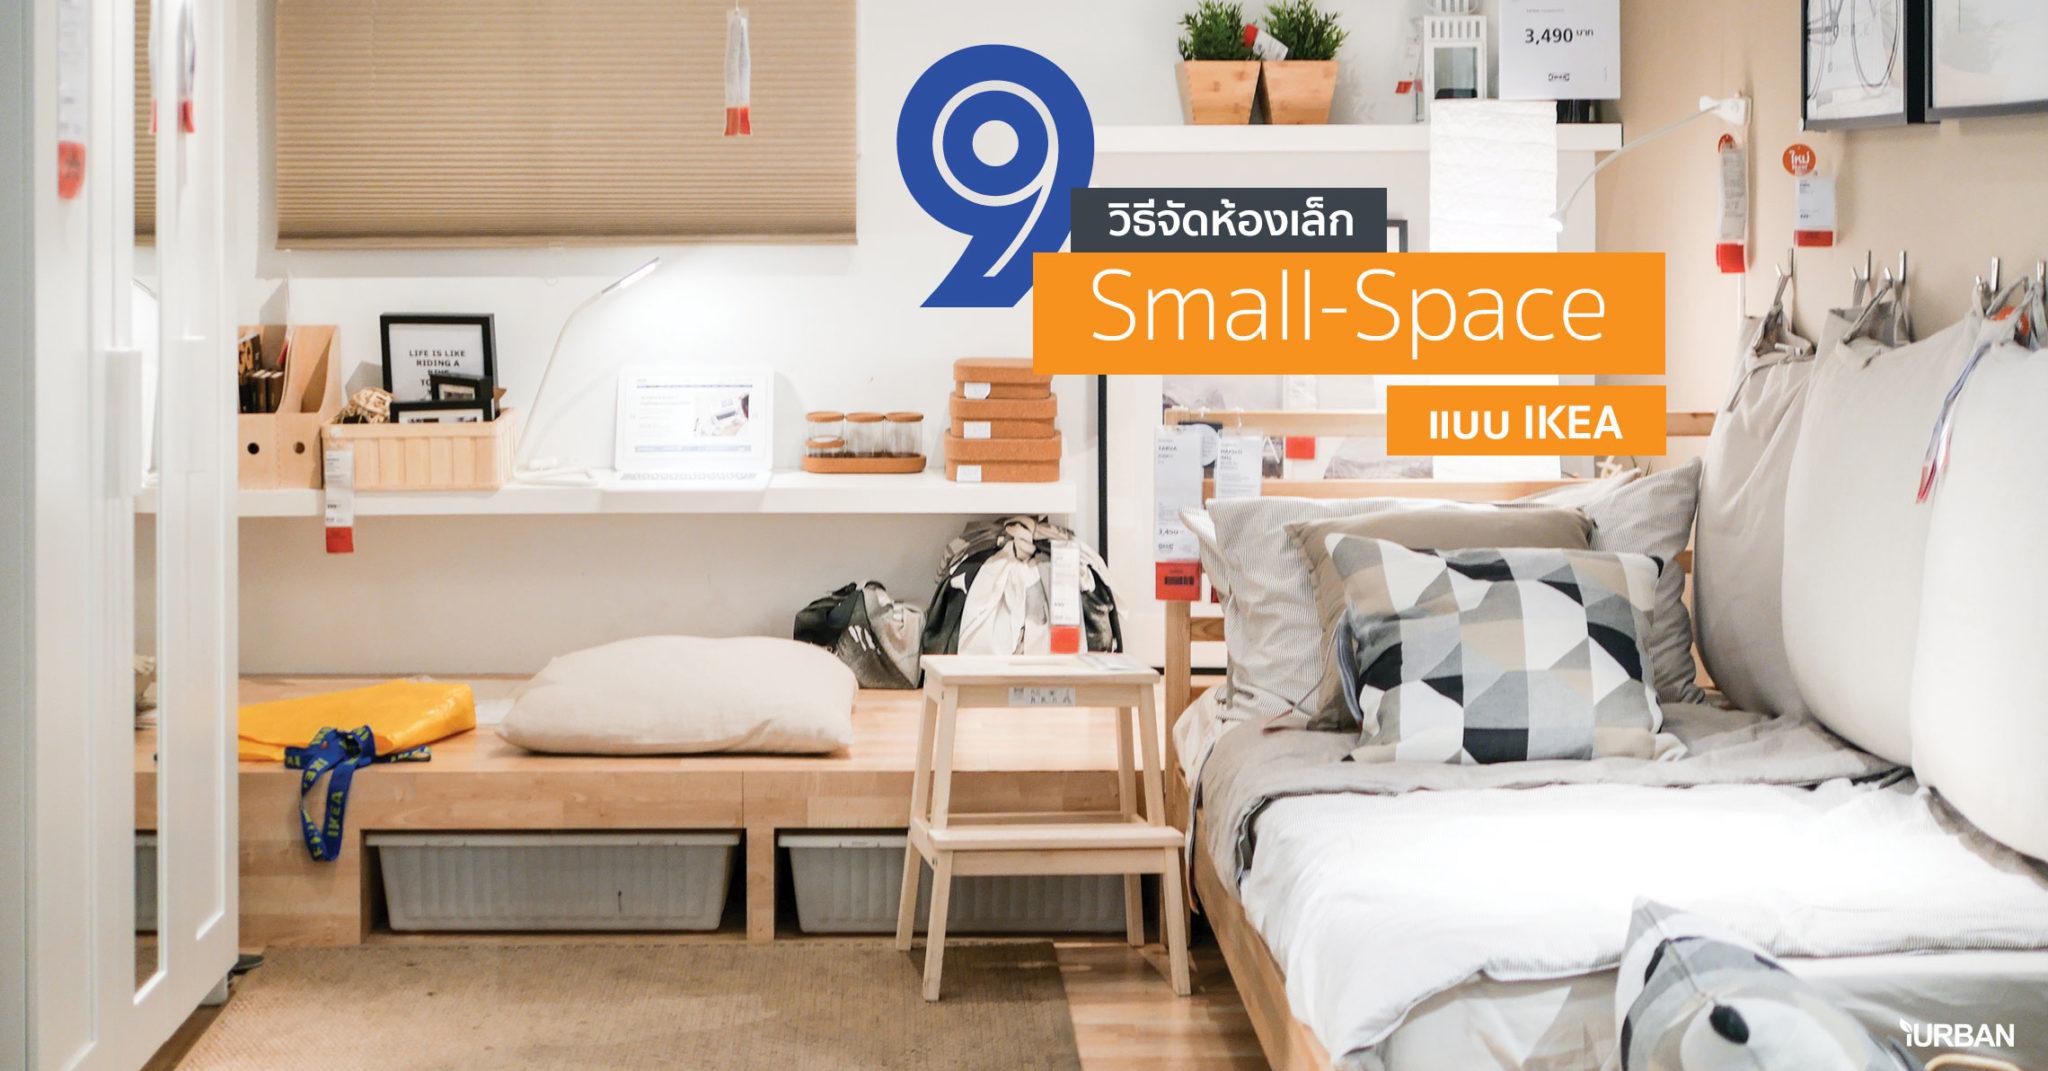 """9 วิธีจัดห้องเก่าให้เหมือนใหม่ ลอกวิธีจัดห้องในพื้นที่เล็ก """"Small Space"""" แบบ IKEA 13 - Bedroom"""